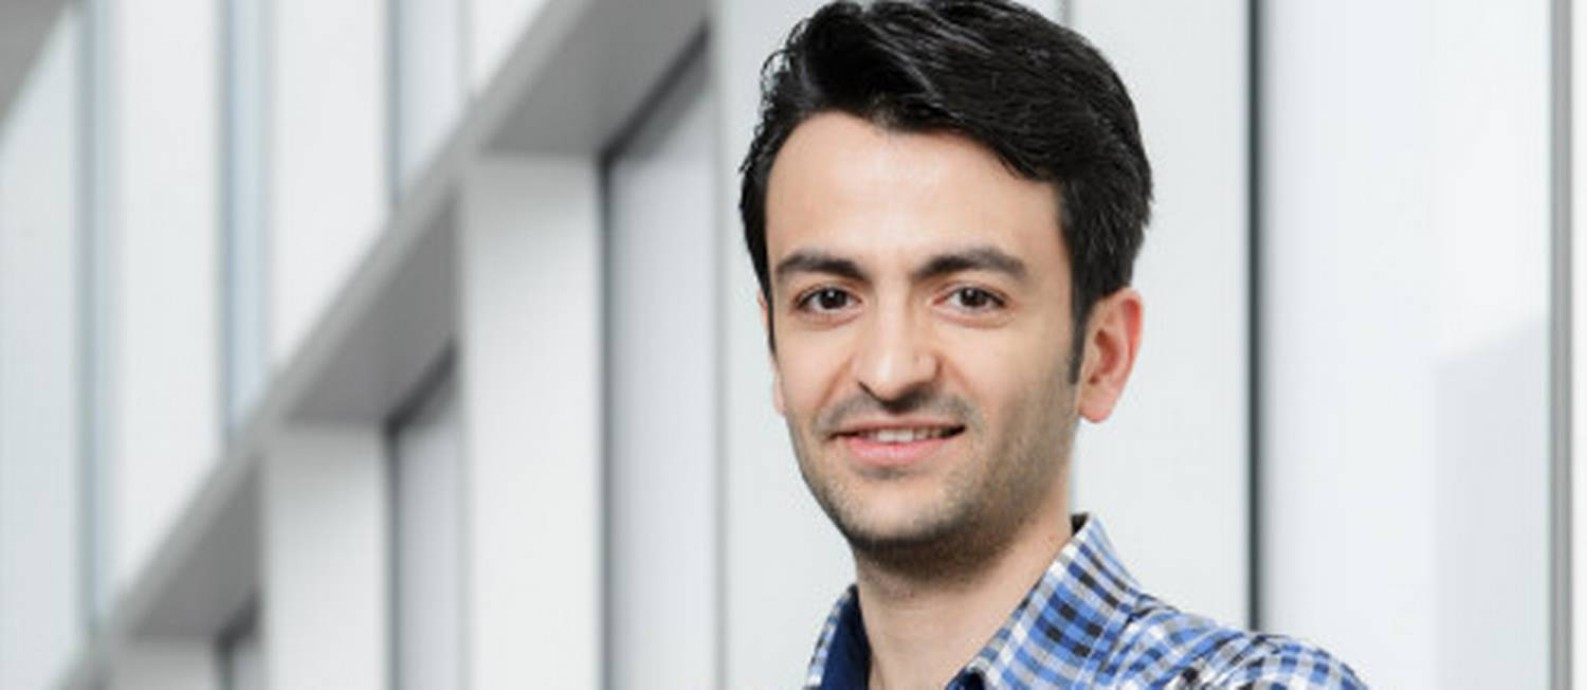 O estudante Mehdi Eshaghian, de 24 anos, é uma das 167 vítimas fatais do acidente da Ukraine International Airlines Foto: Reprodução